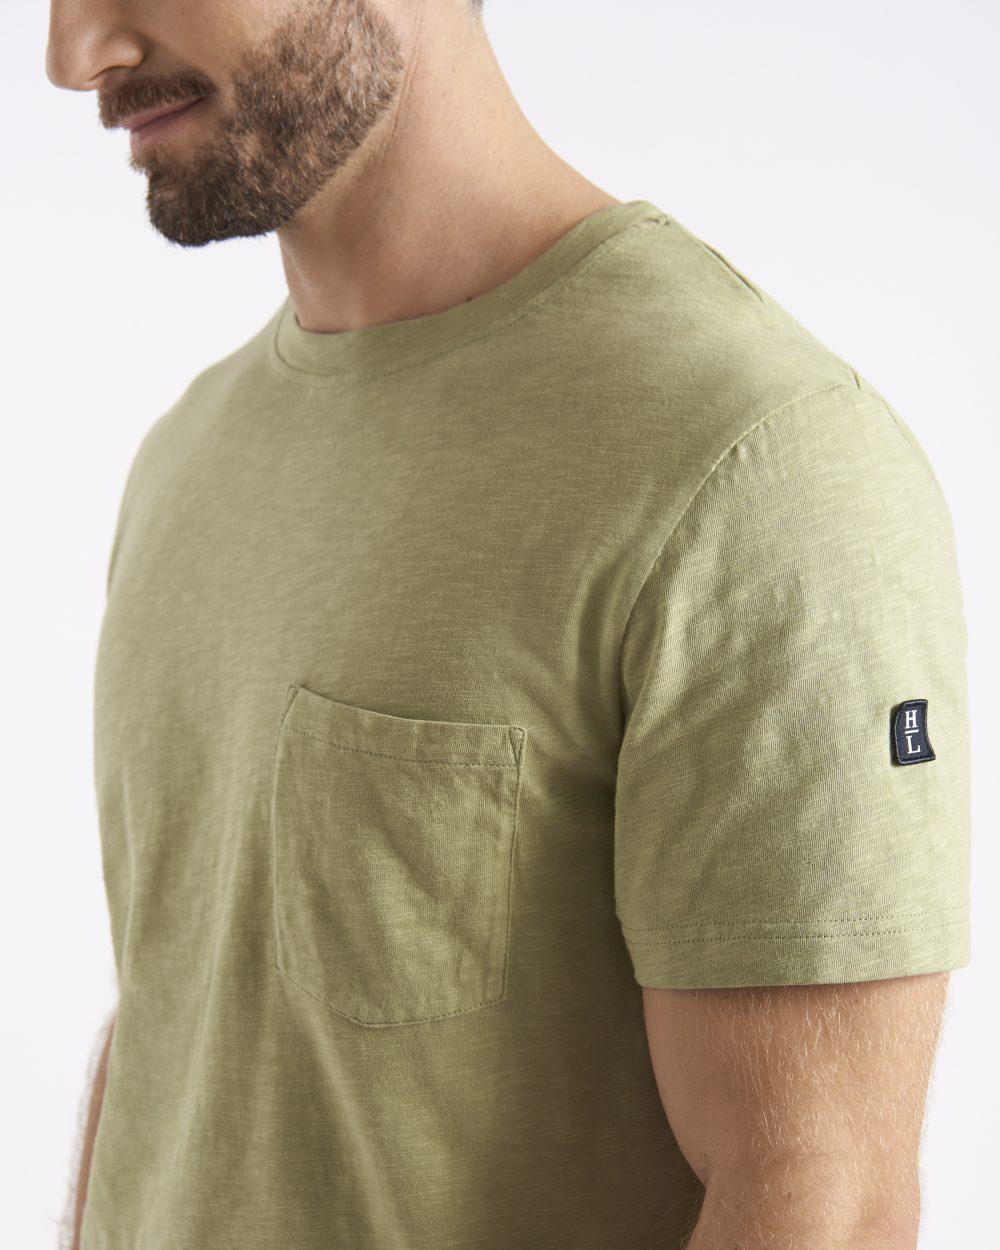 Miesten rento vaaleanvihreä eläväpintainen t-paita